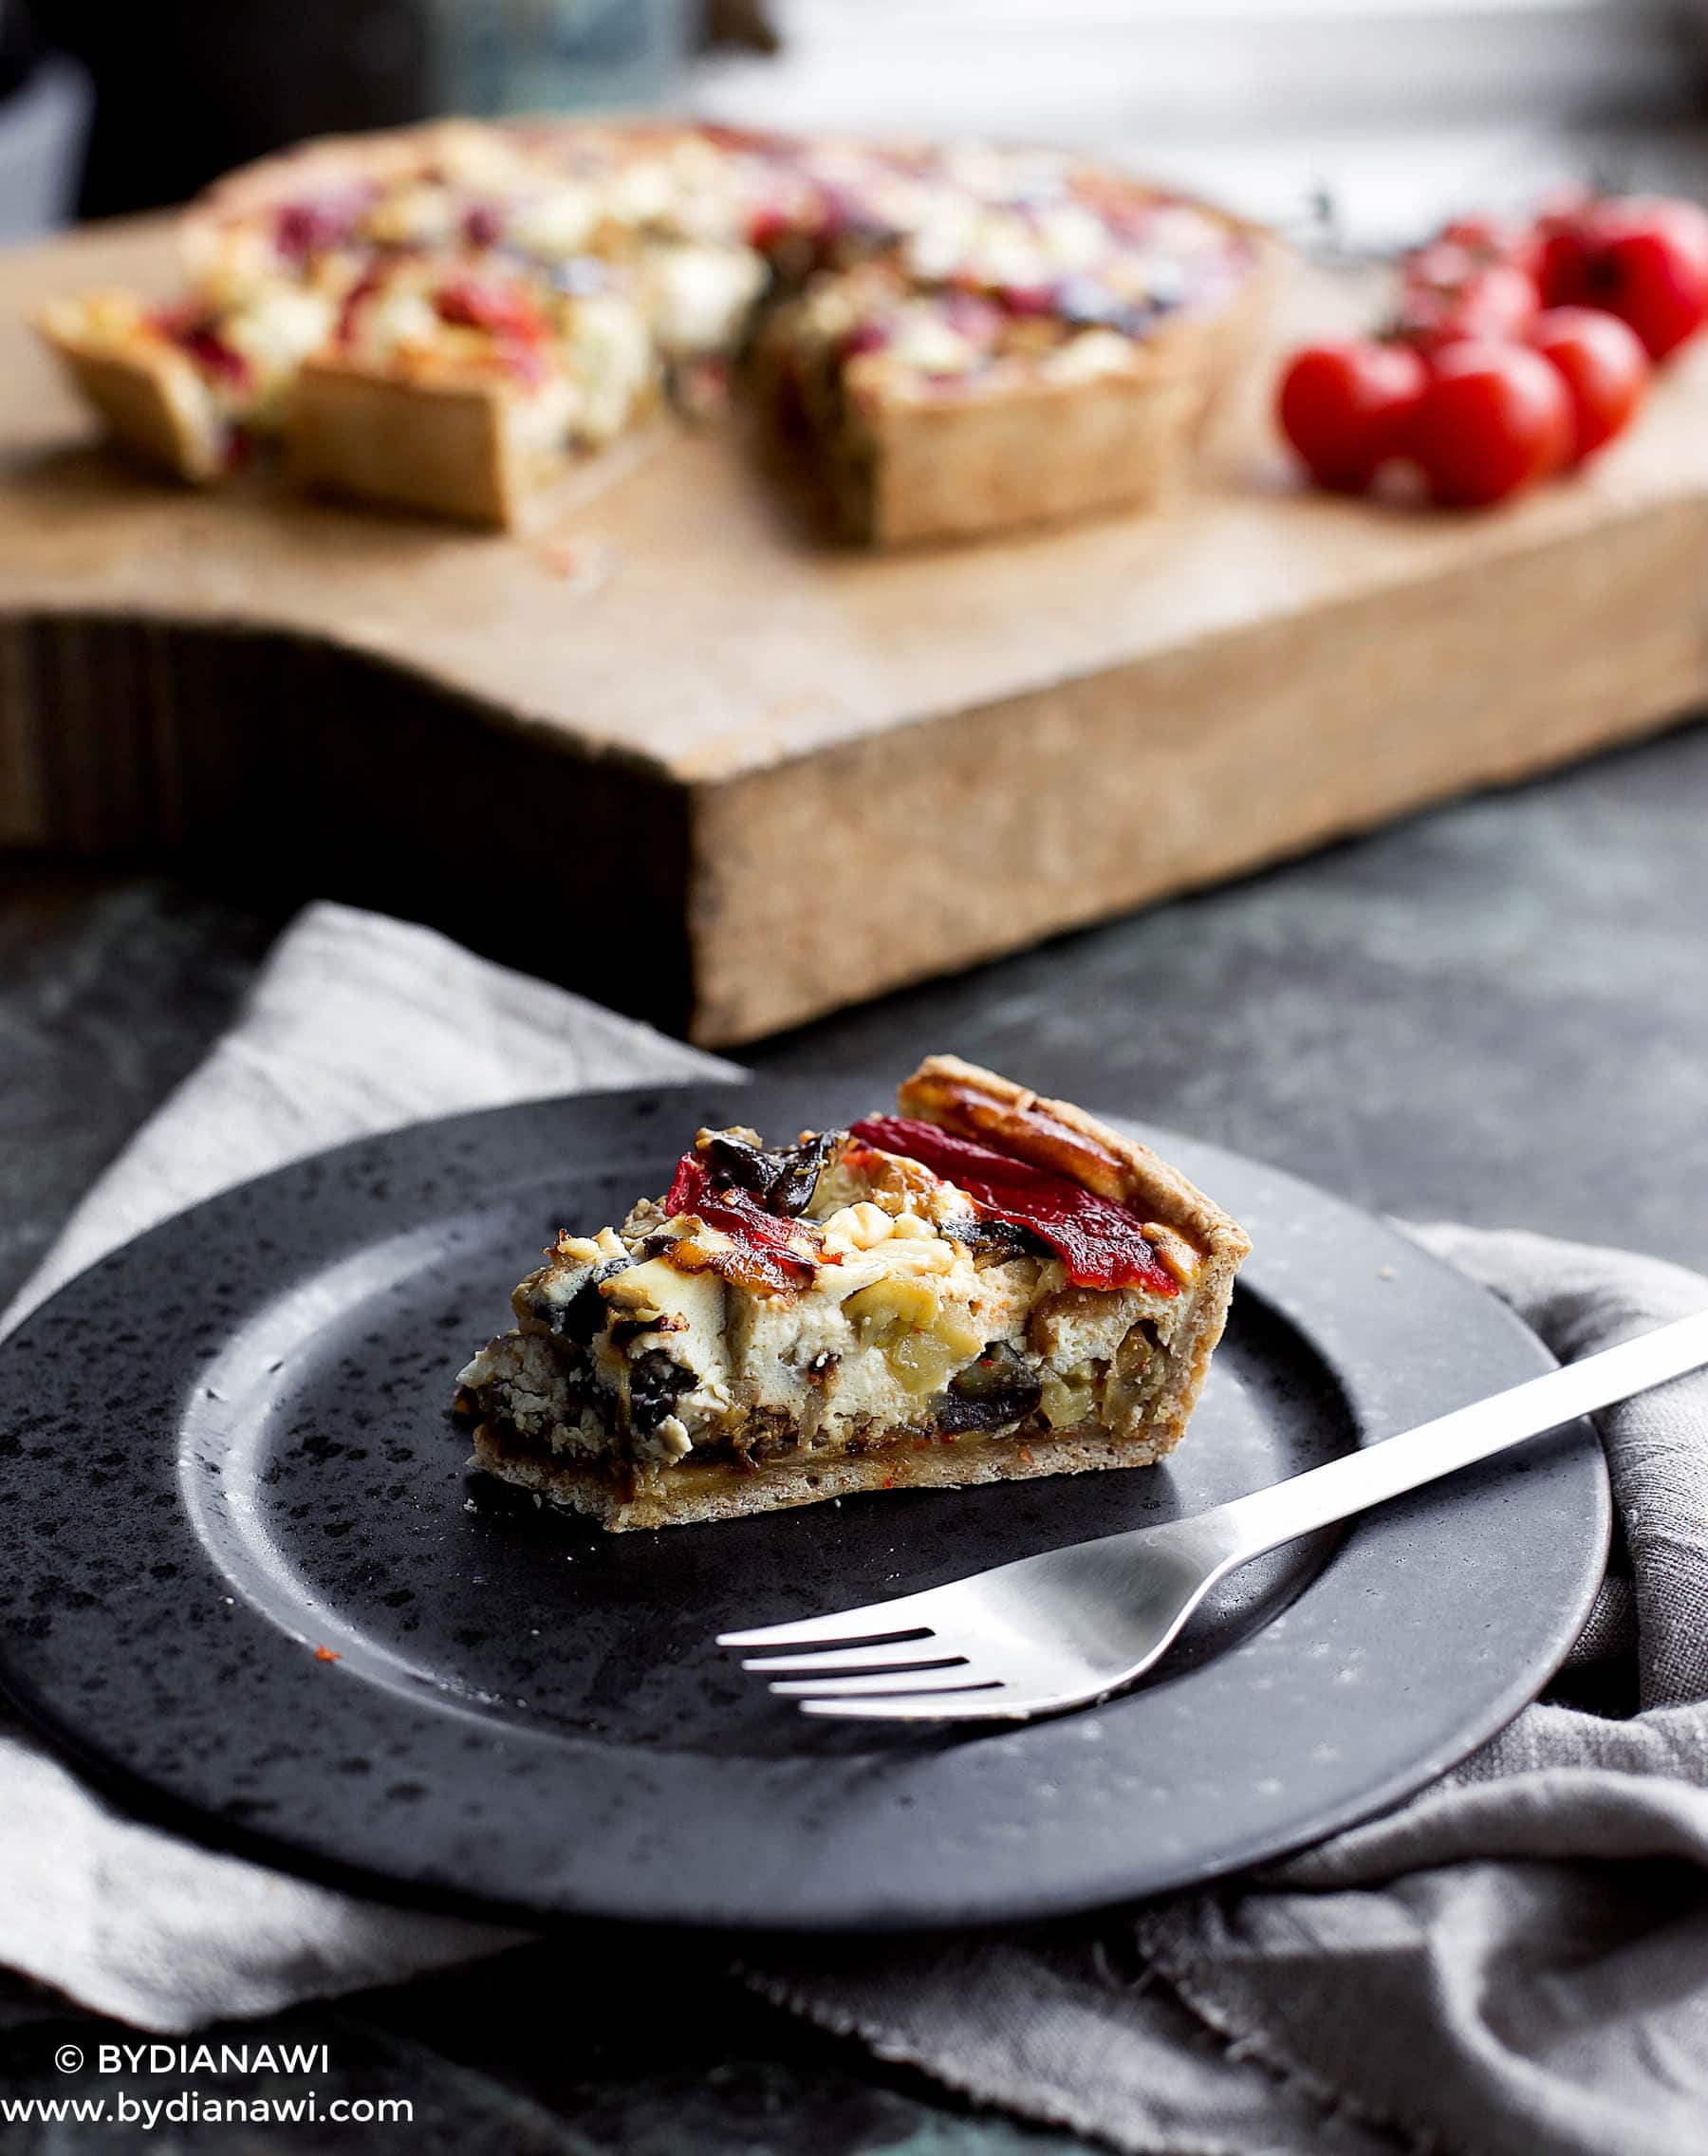 auberginetærte med ricotta, grillet peberfrugt og hvidløg, sund tærte, nem aftensmad, auberginer